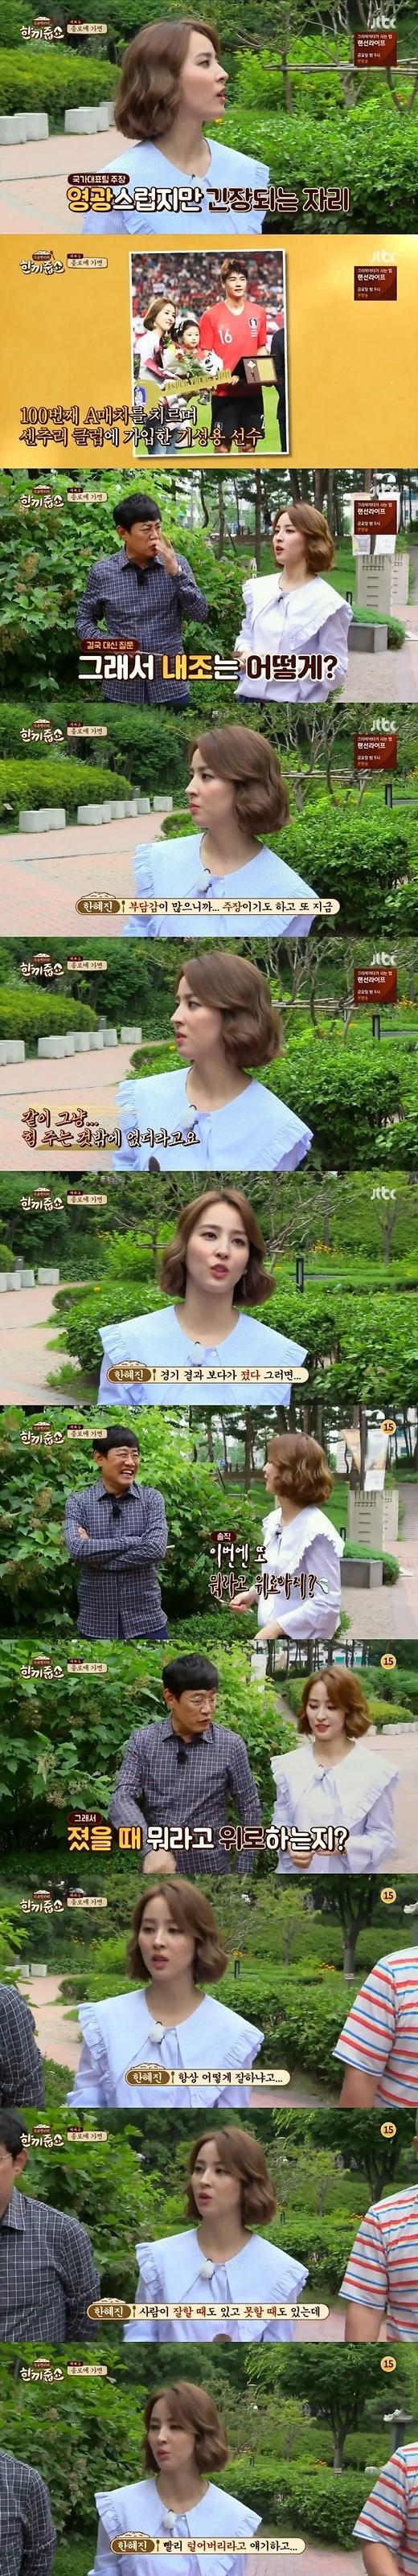 """한끼줍쇼, """"기성용♥한혜진 숨겨진 러"""